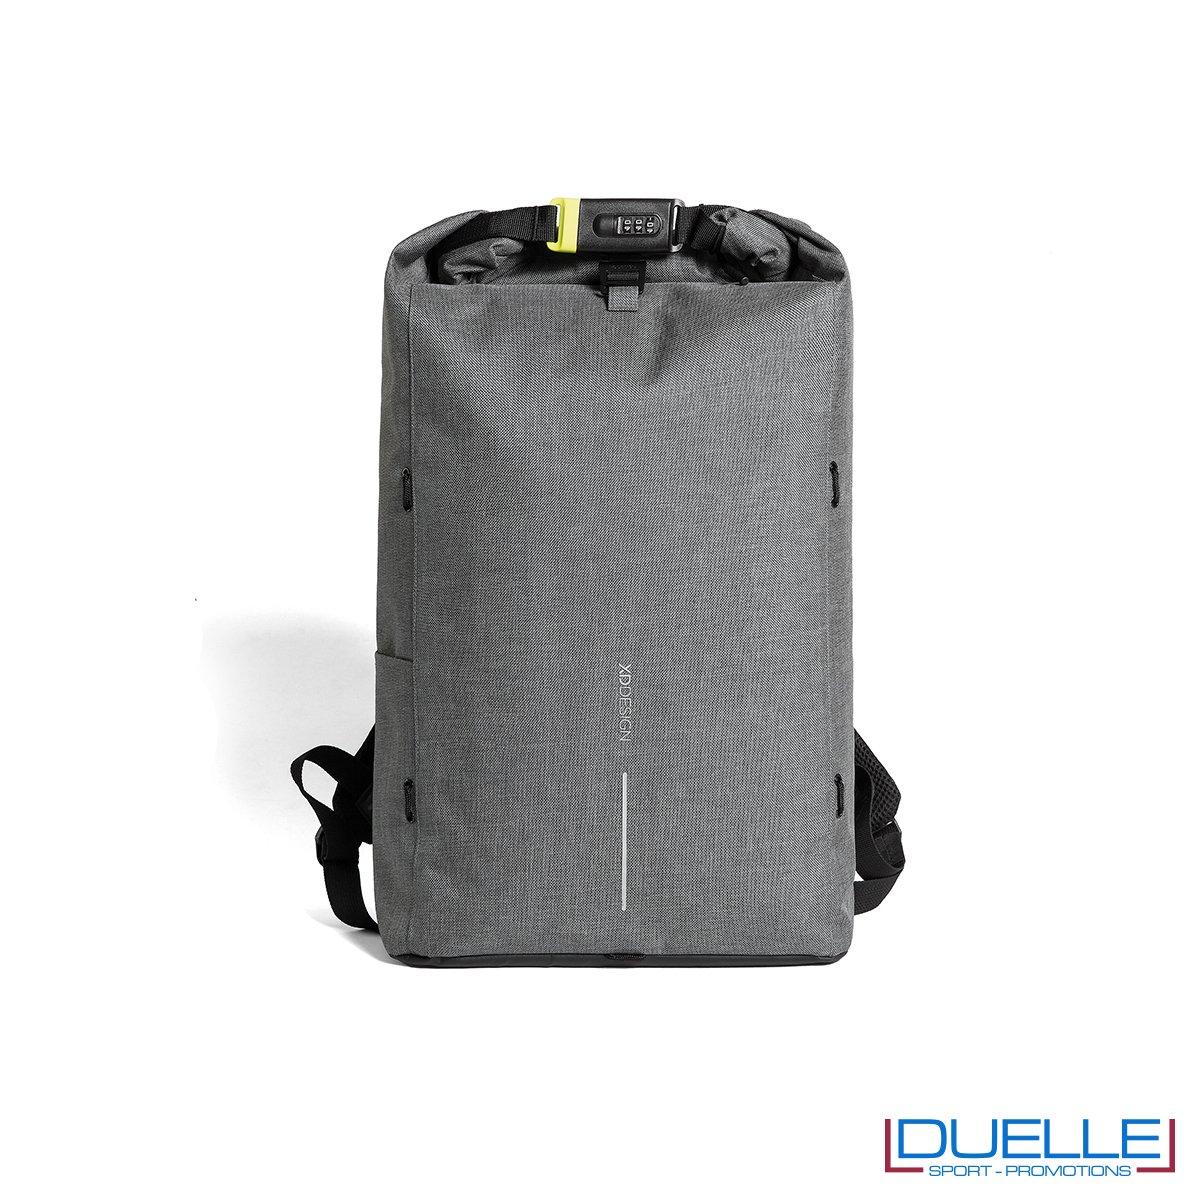 Zaino anti taccheggio personalizzato colore grigio chiusura con lucchetto